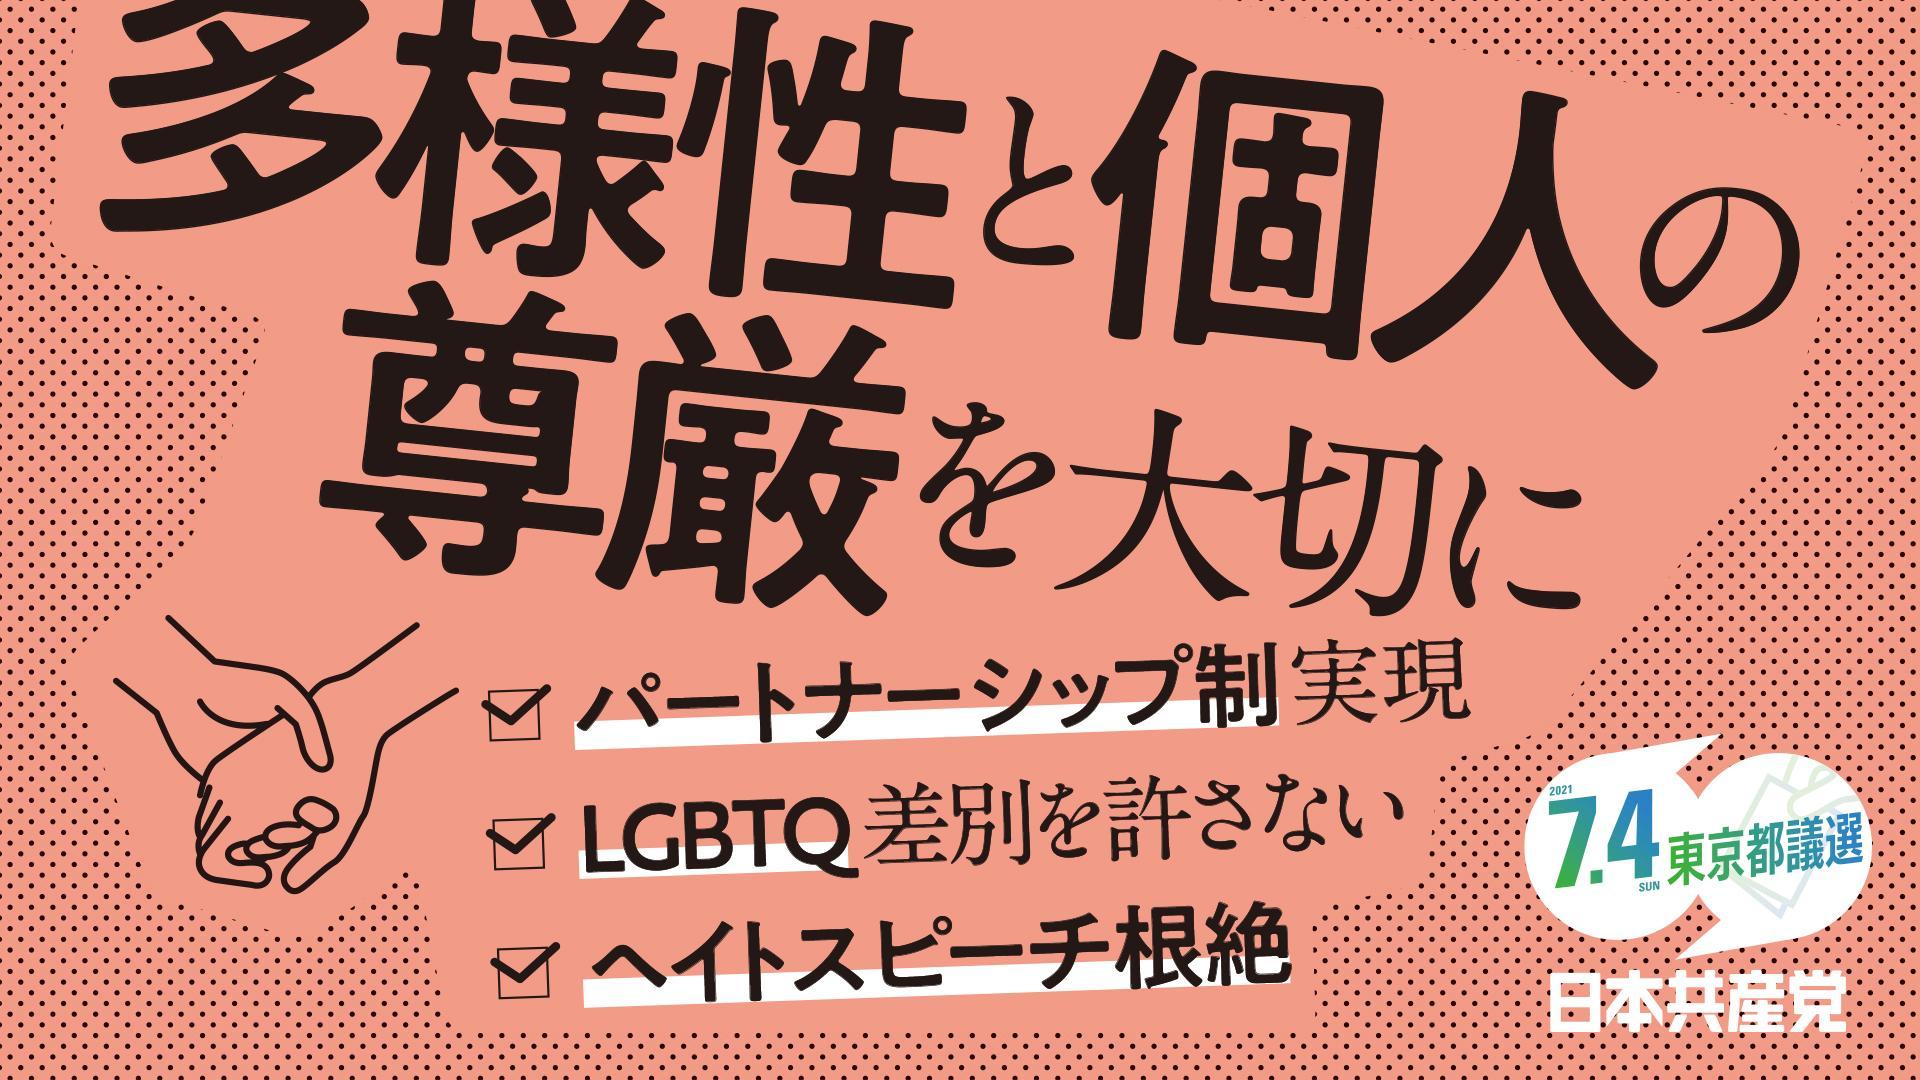 東京都議選2021 多様性と個人の尊厳を大切に